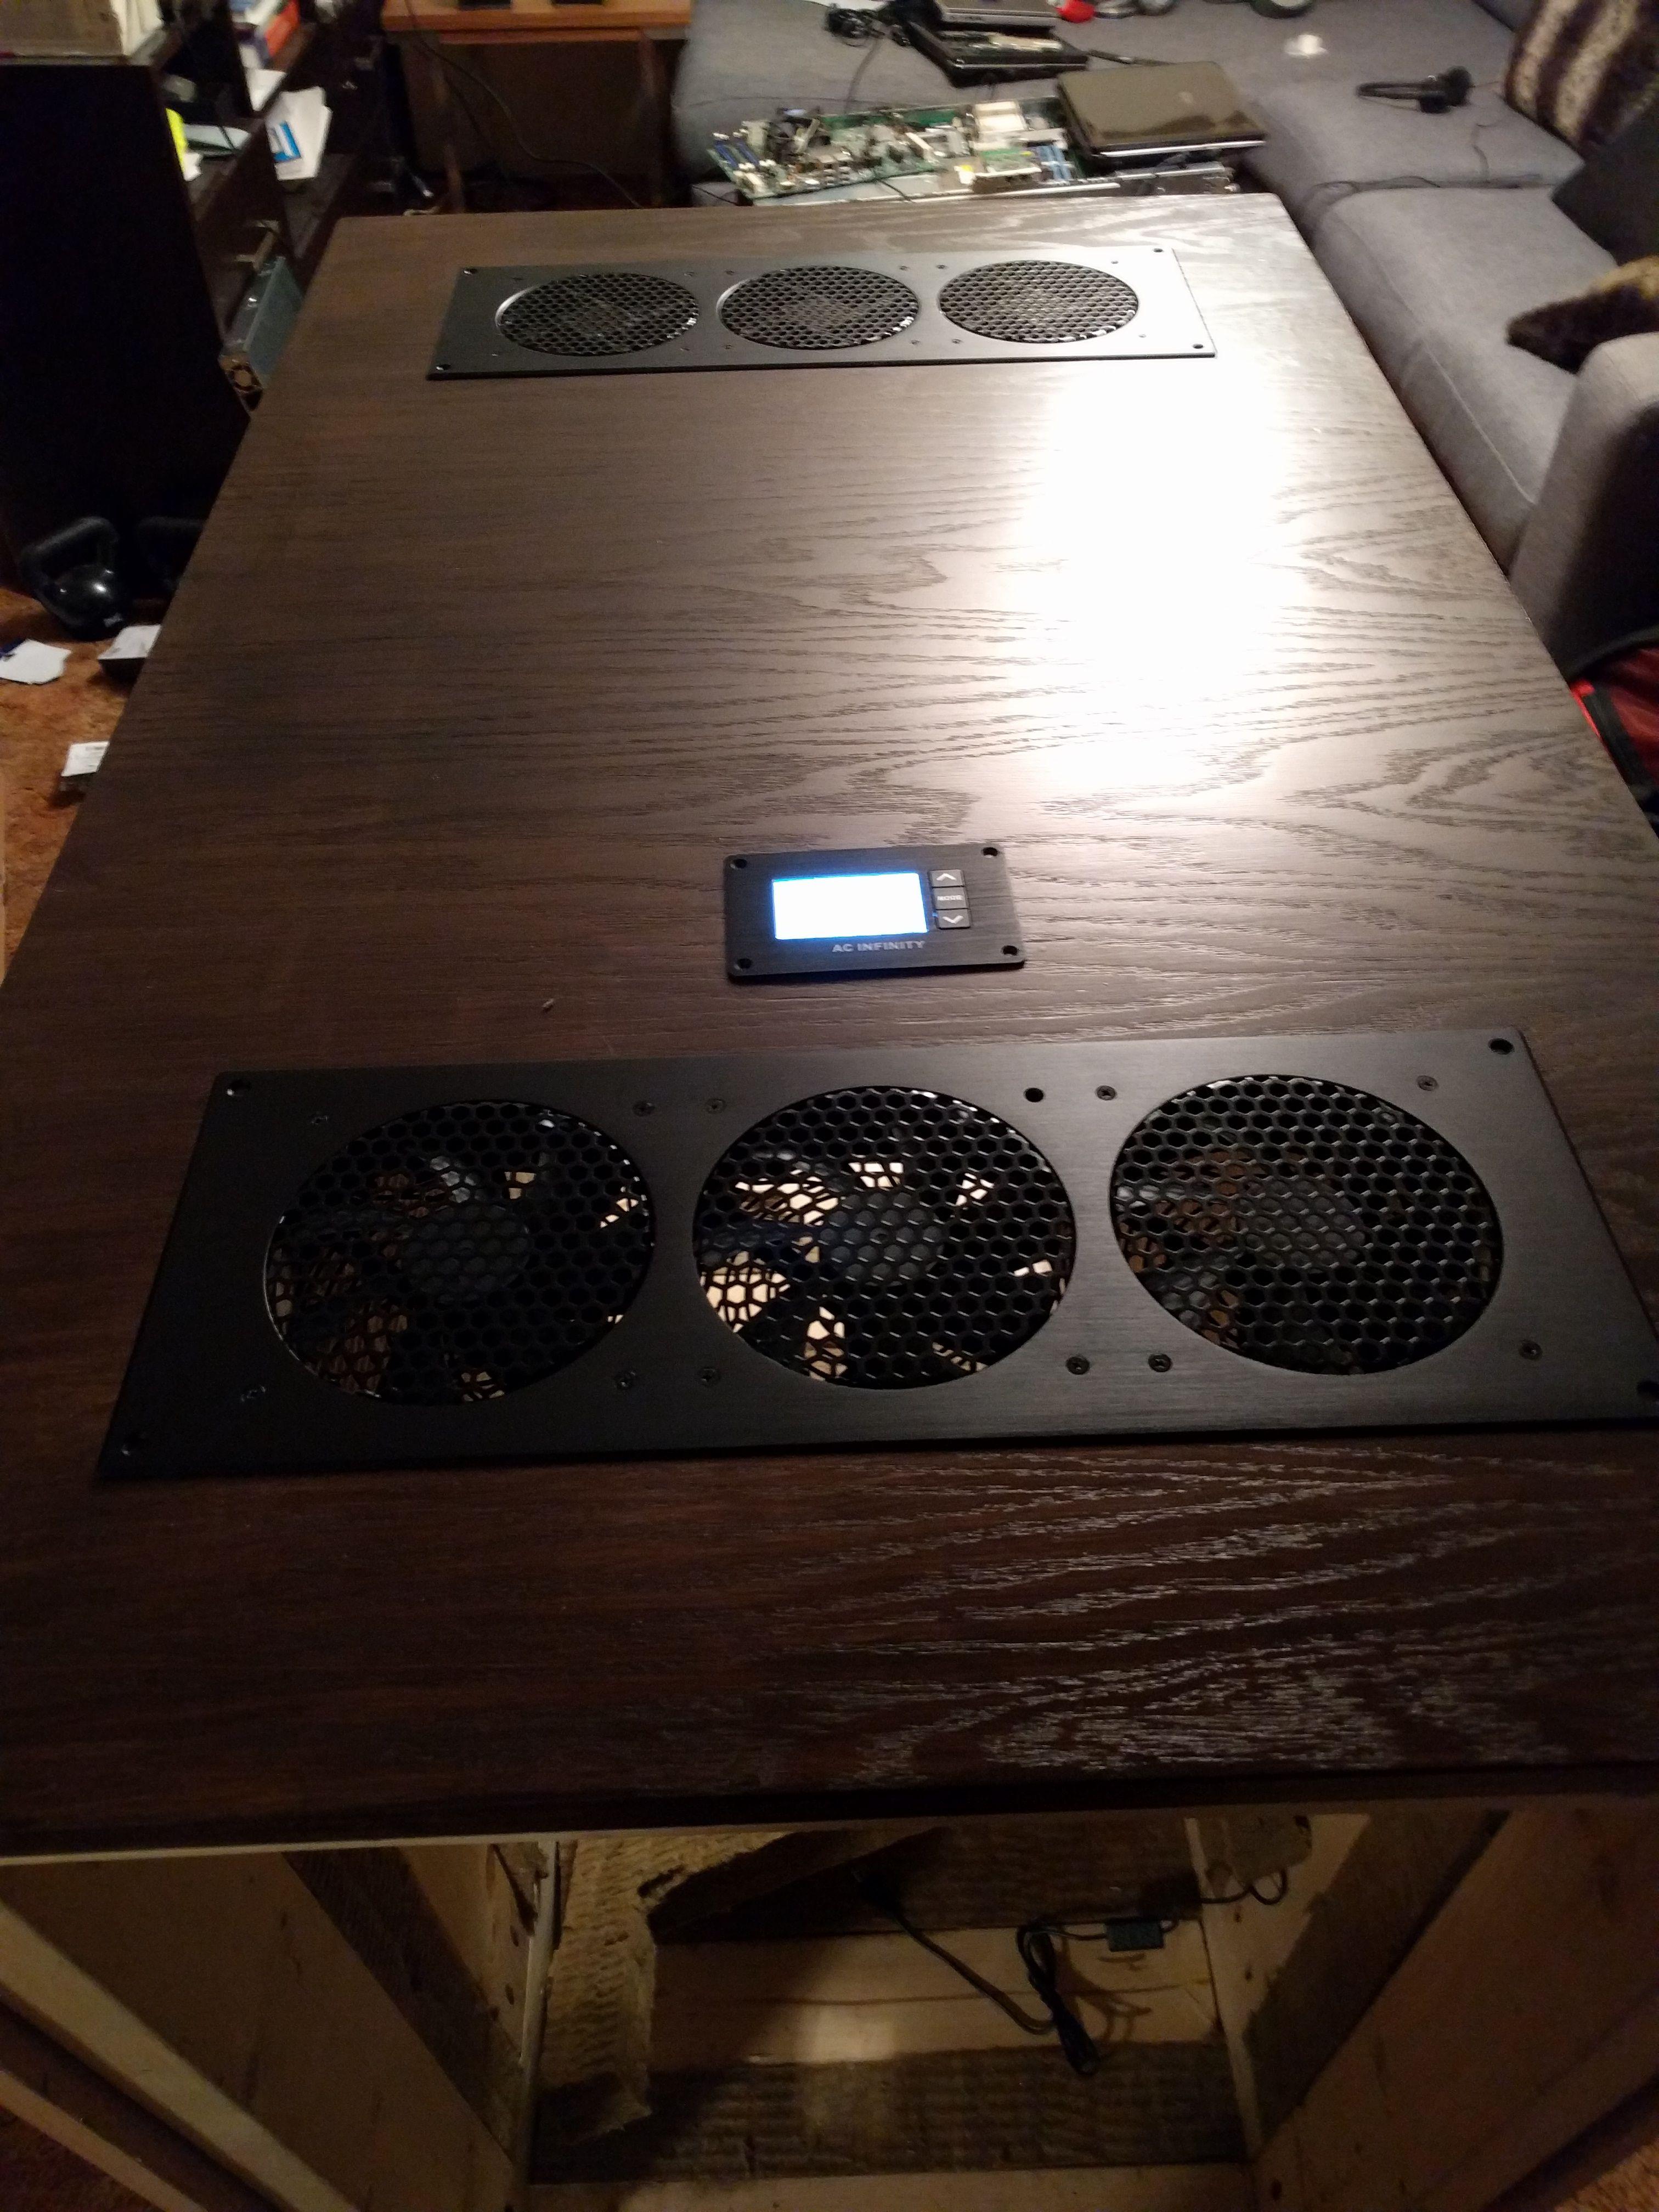 Diy server rack imgur server rack diy rack custom pc